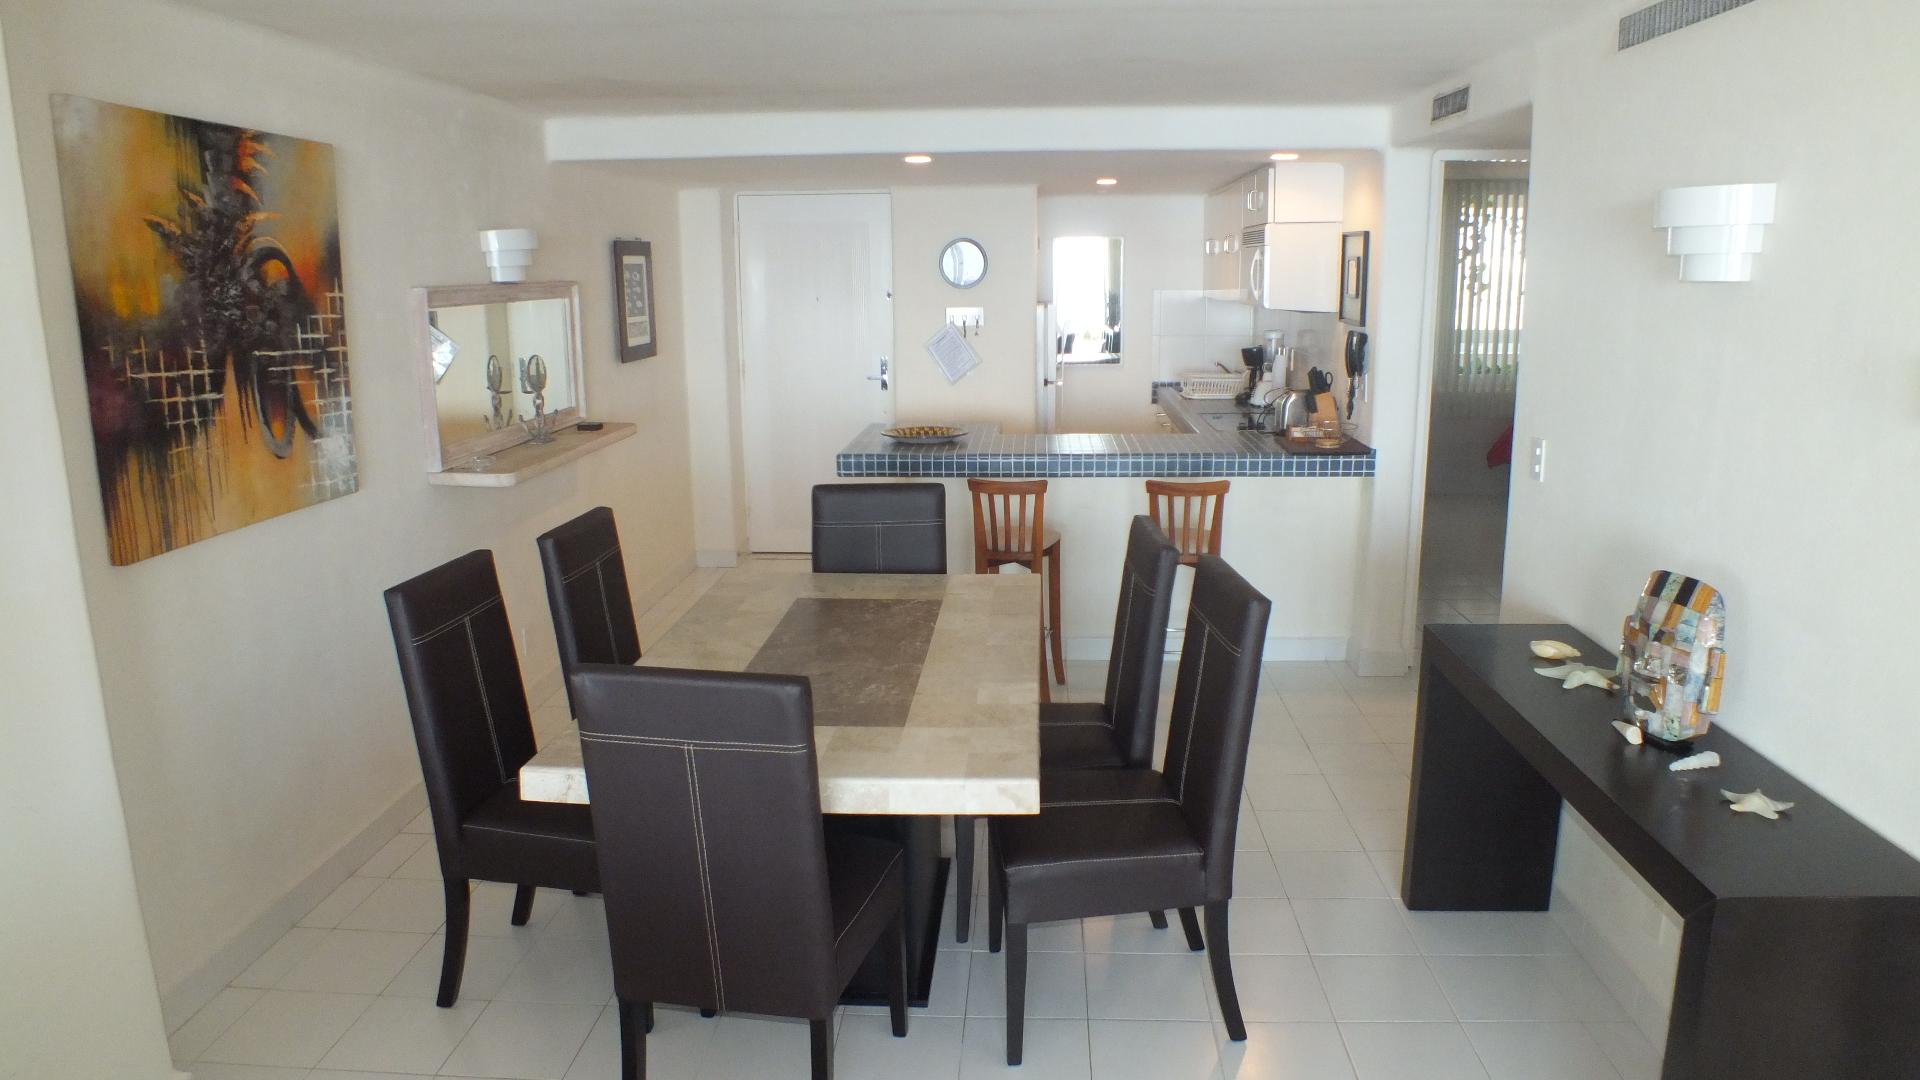 Ideas para decorar la cocina de forma barata - Decorar cocina comedor ...